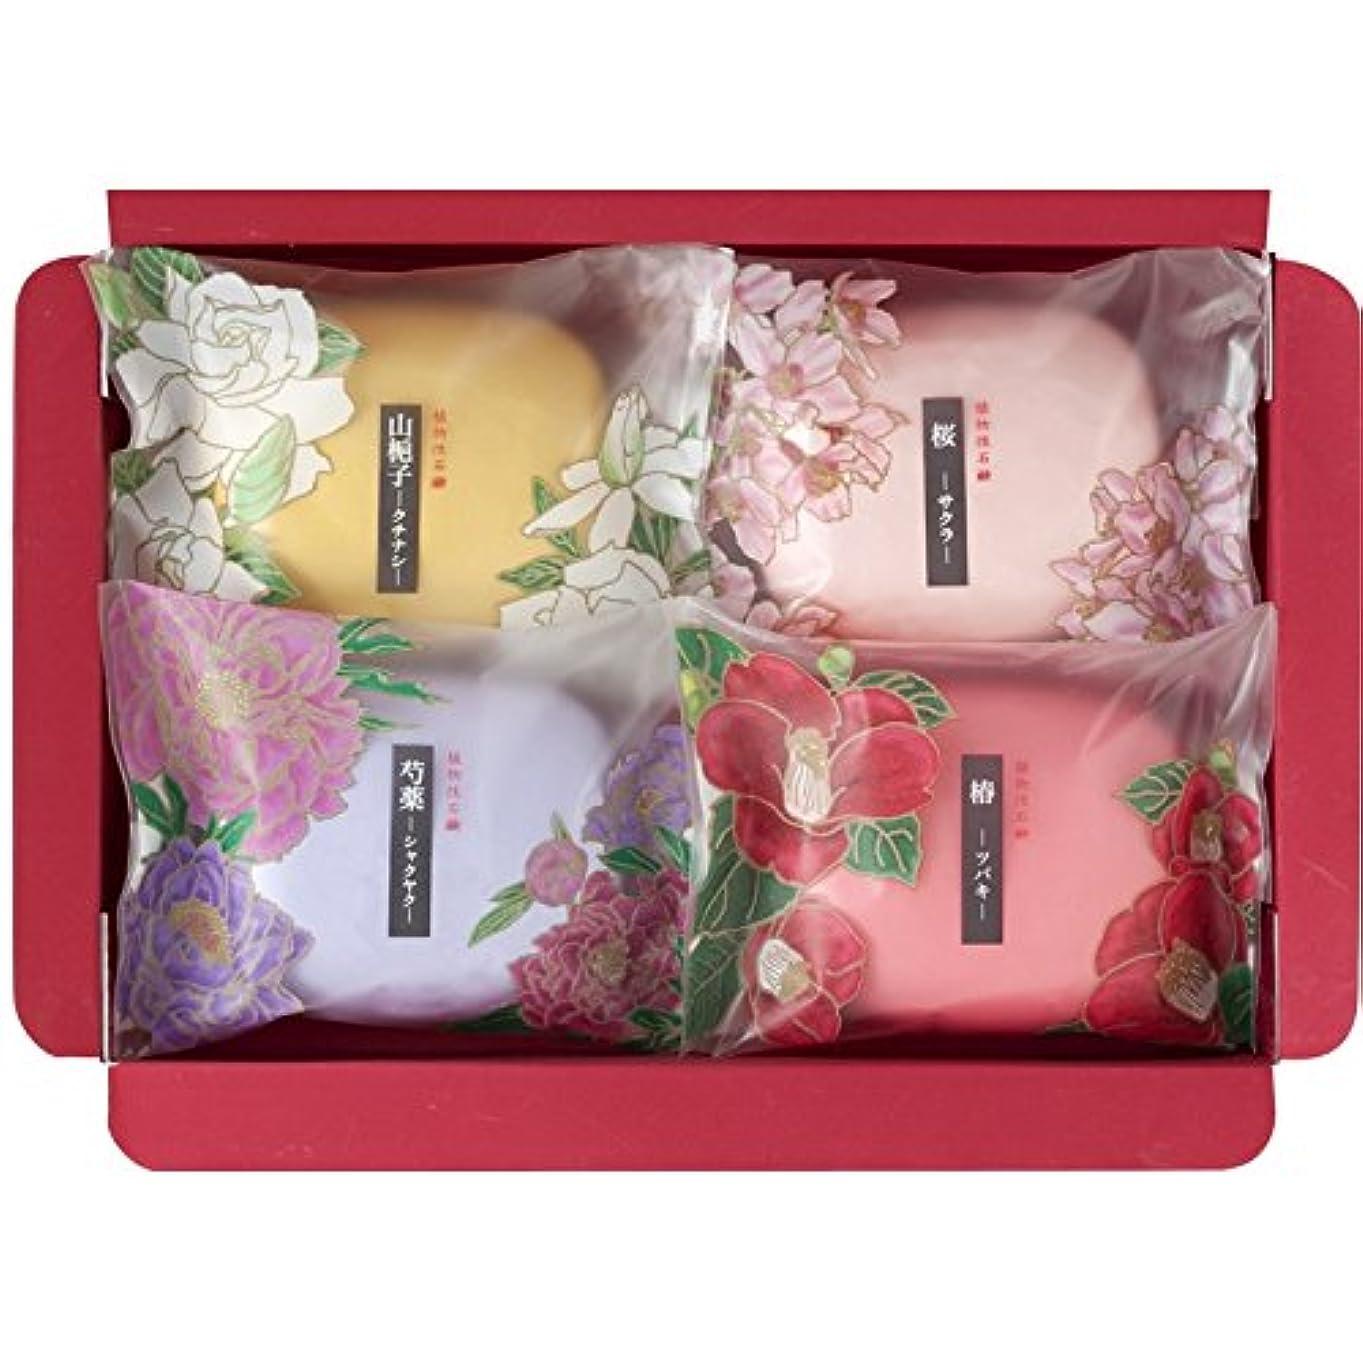 忠実ななめるアンソロジー彩花だより SAK-05 【石けん 石鹸 うるおい いい香り 固形 詰め合わせ セット 良い香り 美容 個包装 肌に優しい 日本製】